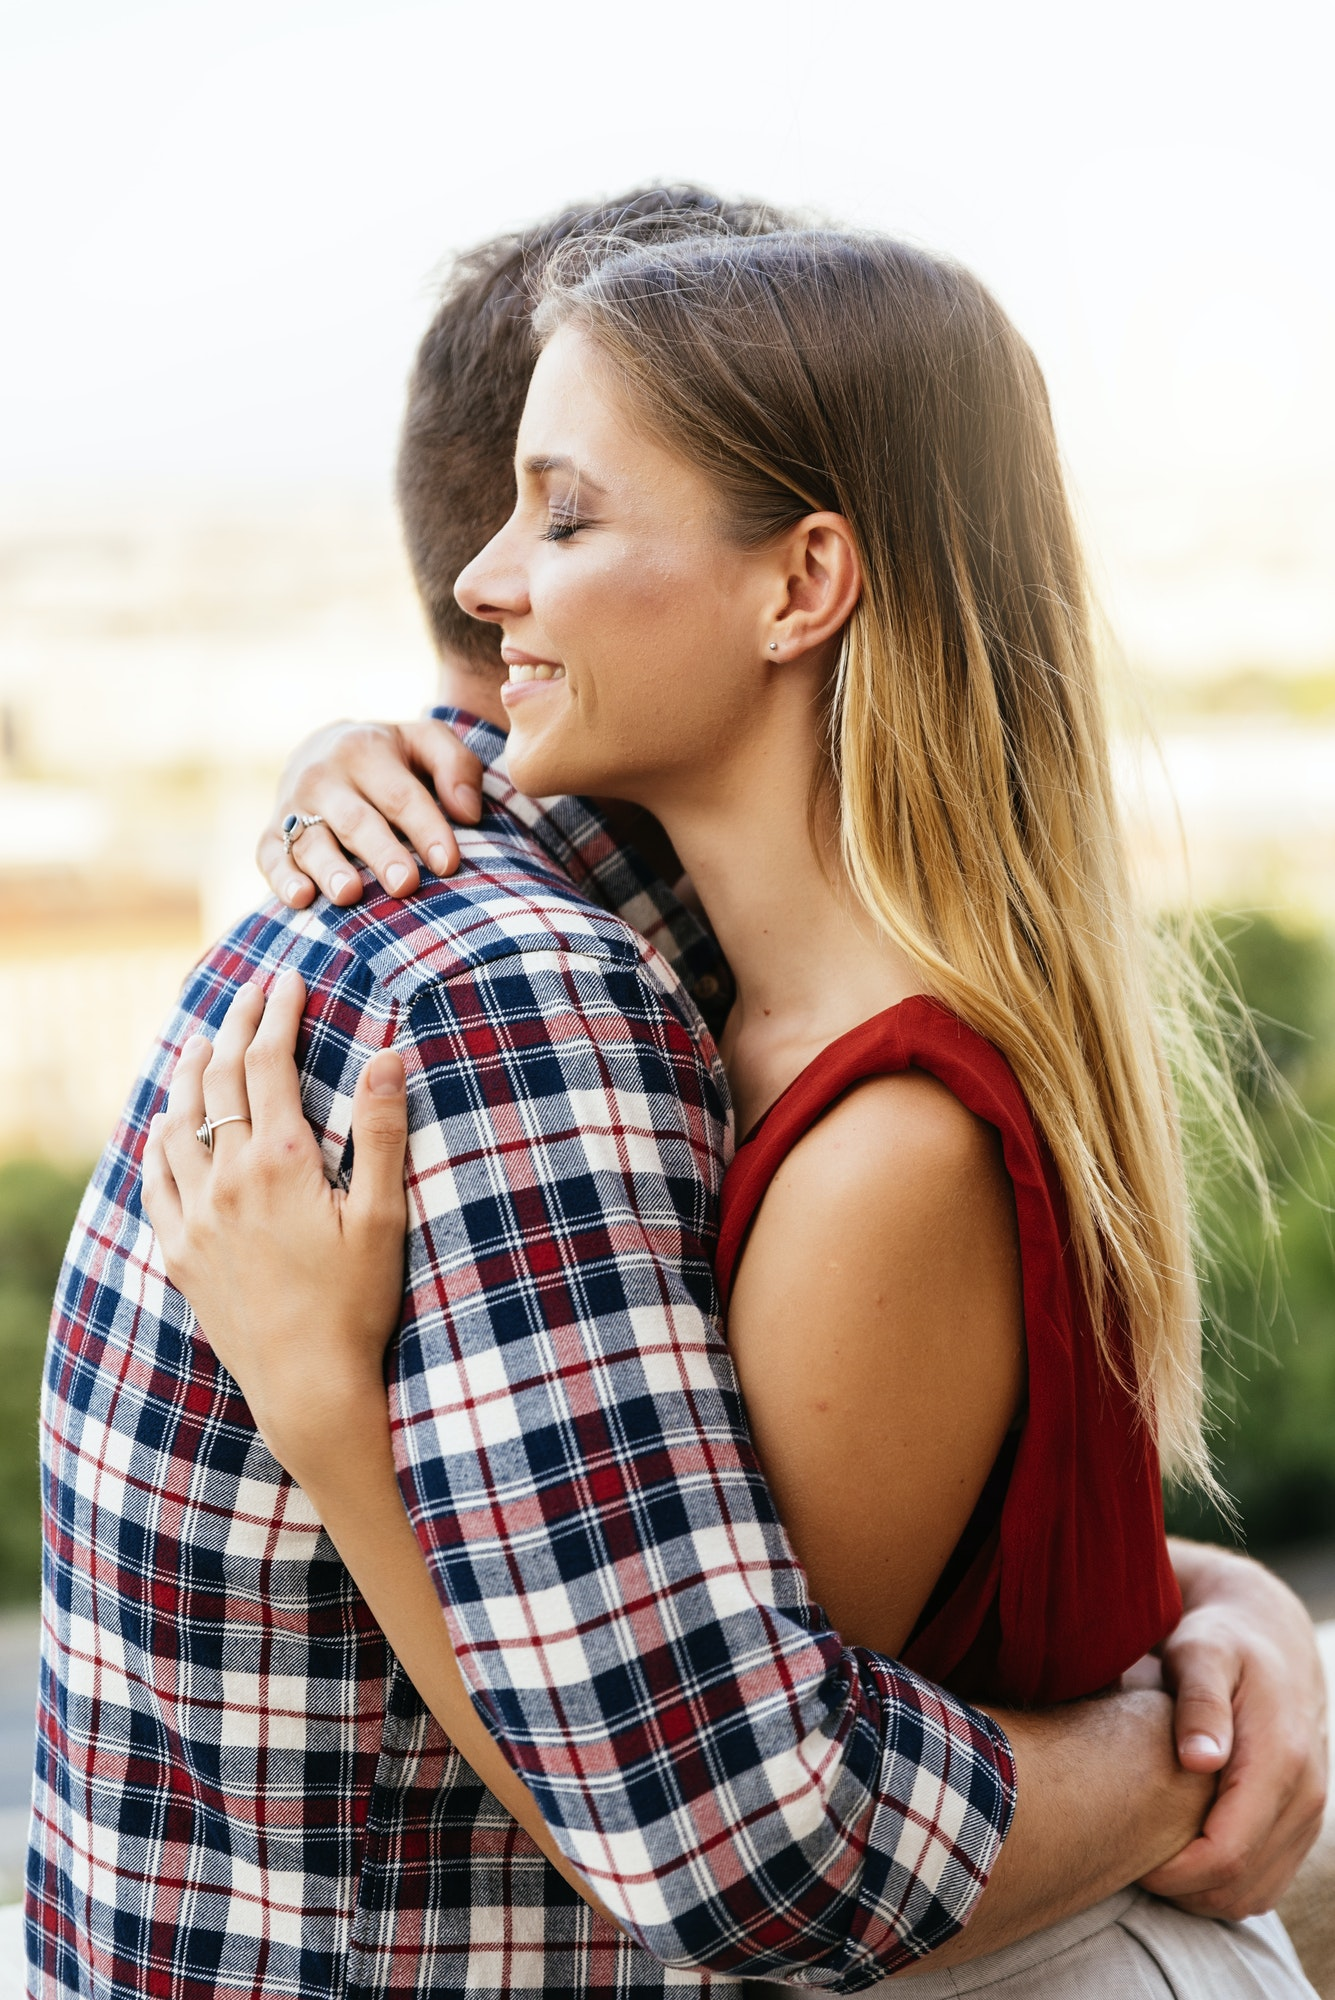 ex petit ami et petite amie se remettent ensemble et se font un calin